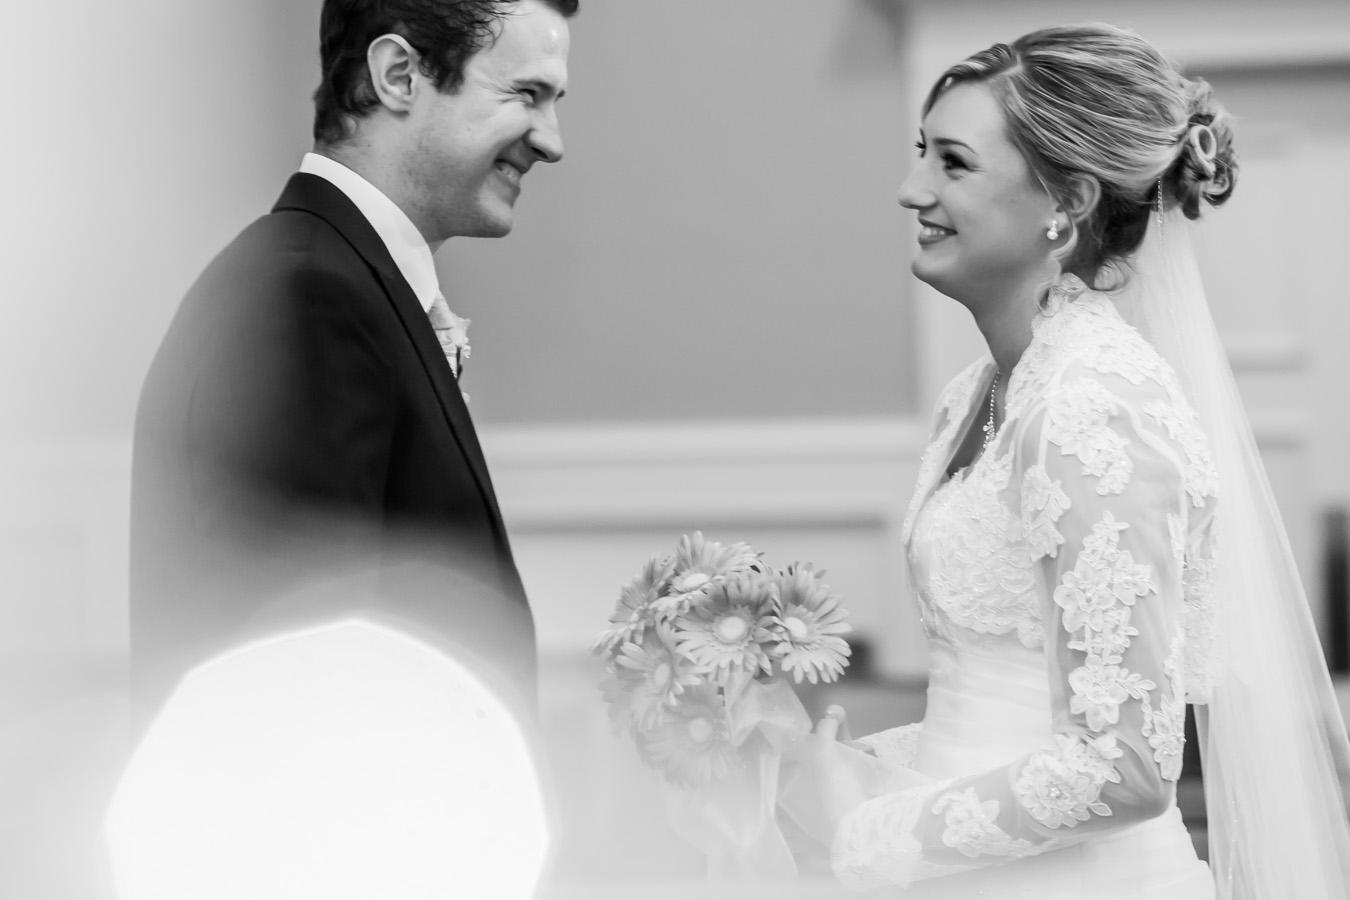 weddingPhotographyStillwaterok-34.jpg